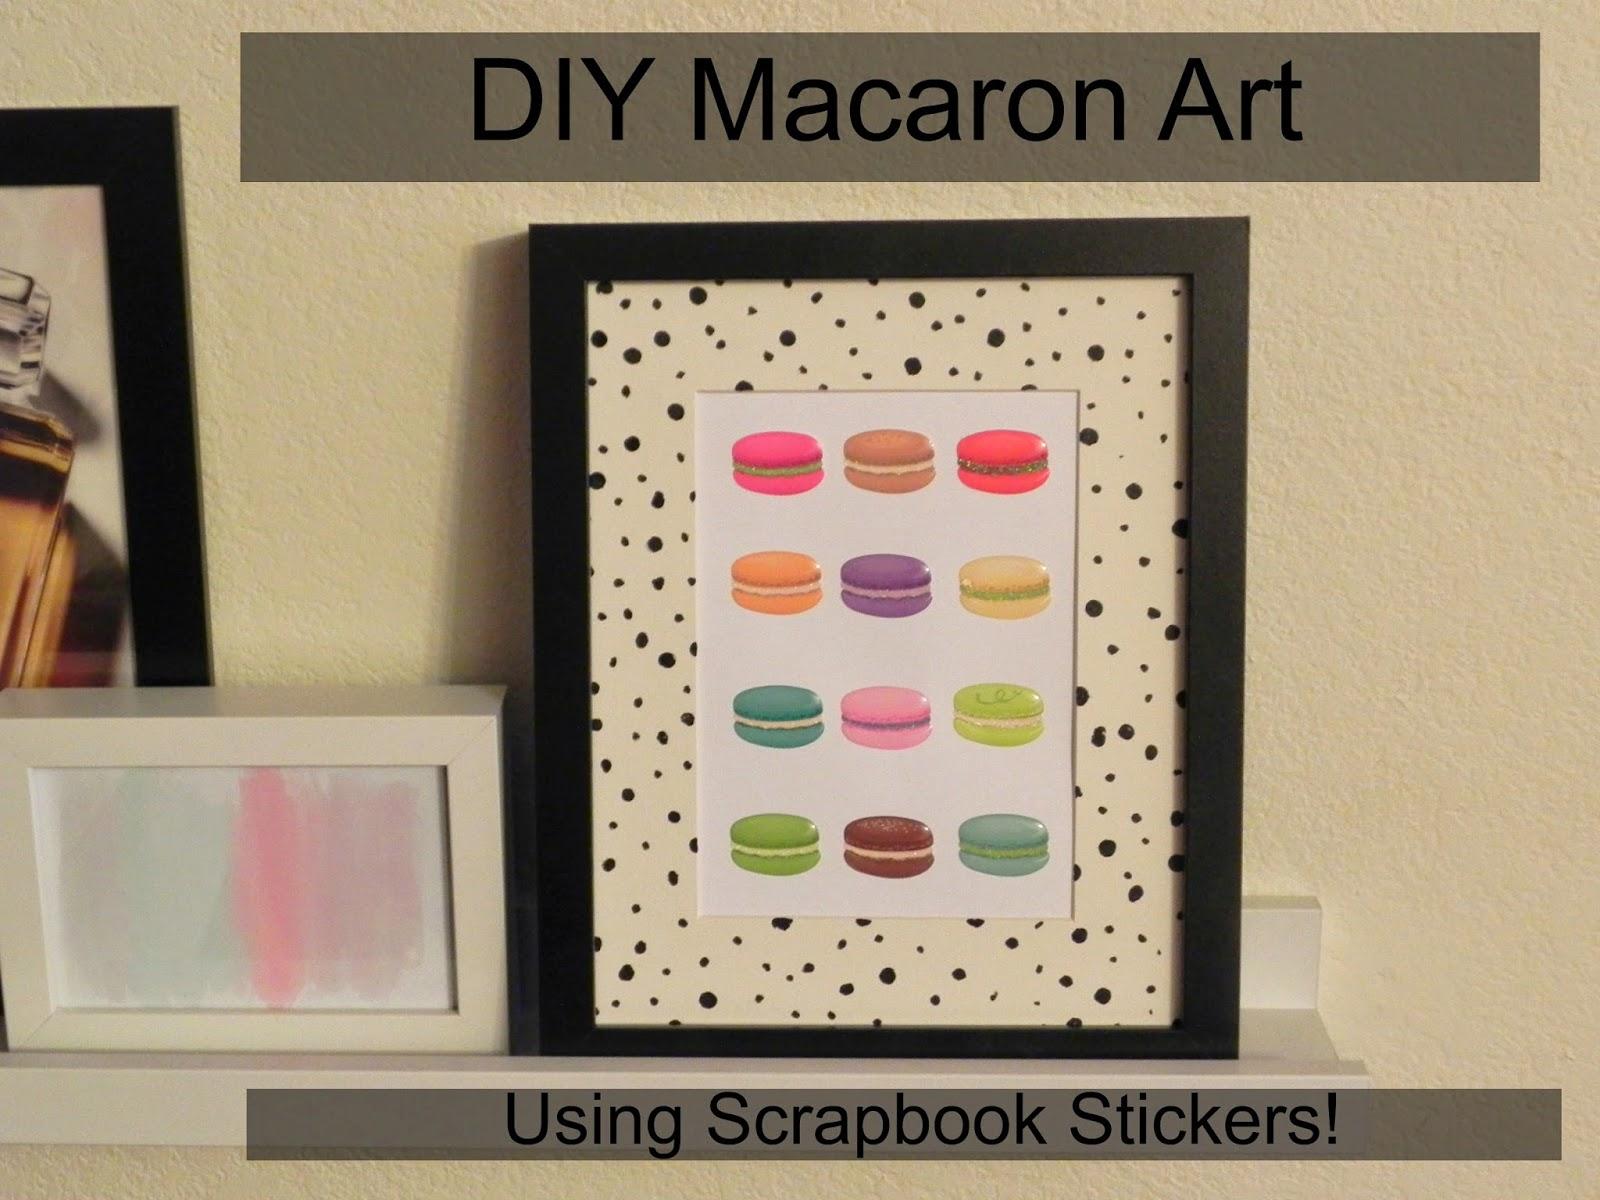 Smart N Snazzy Diy Macaron Art Using Scrapbook Stickers